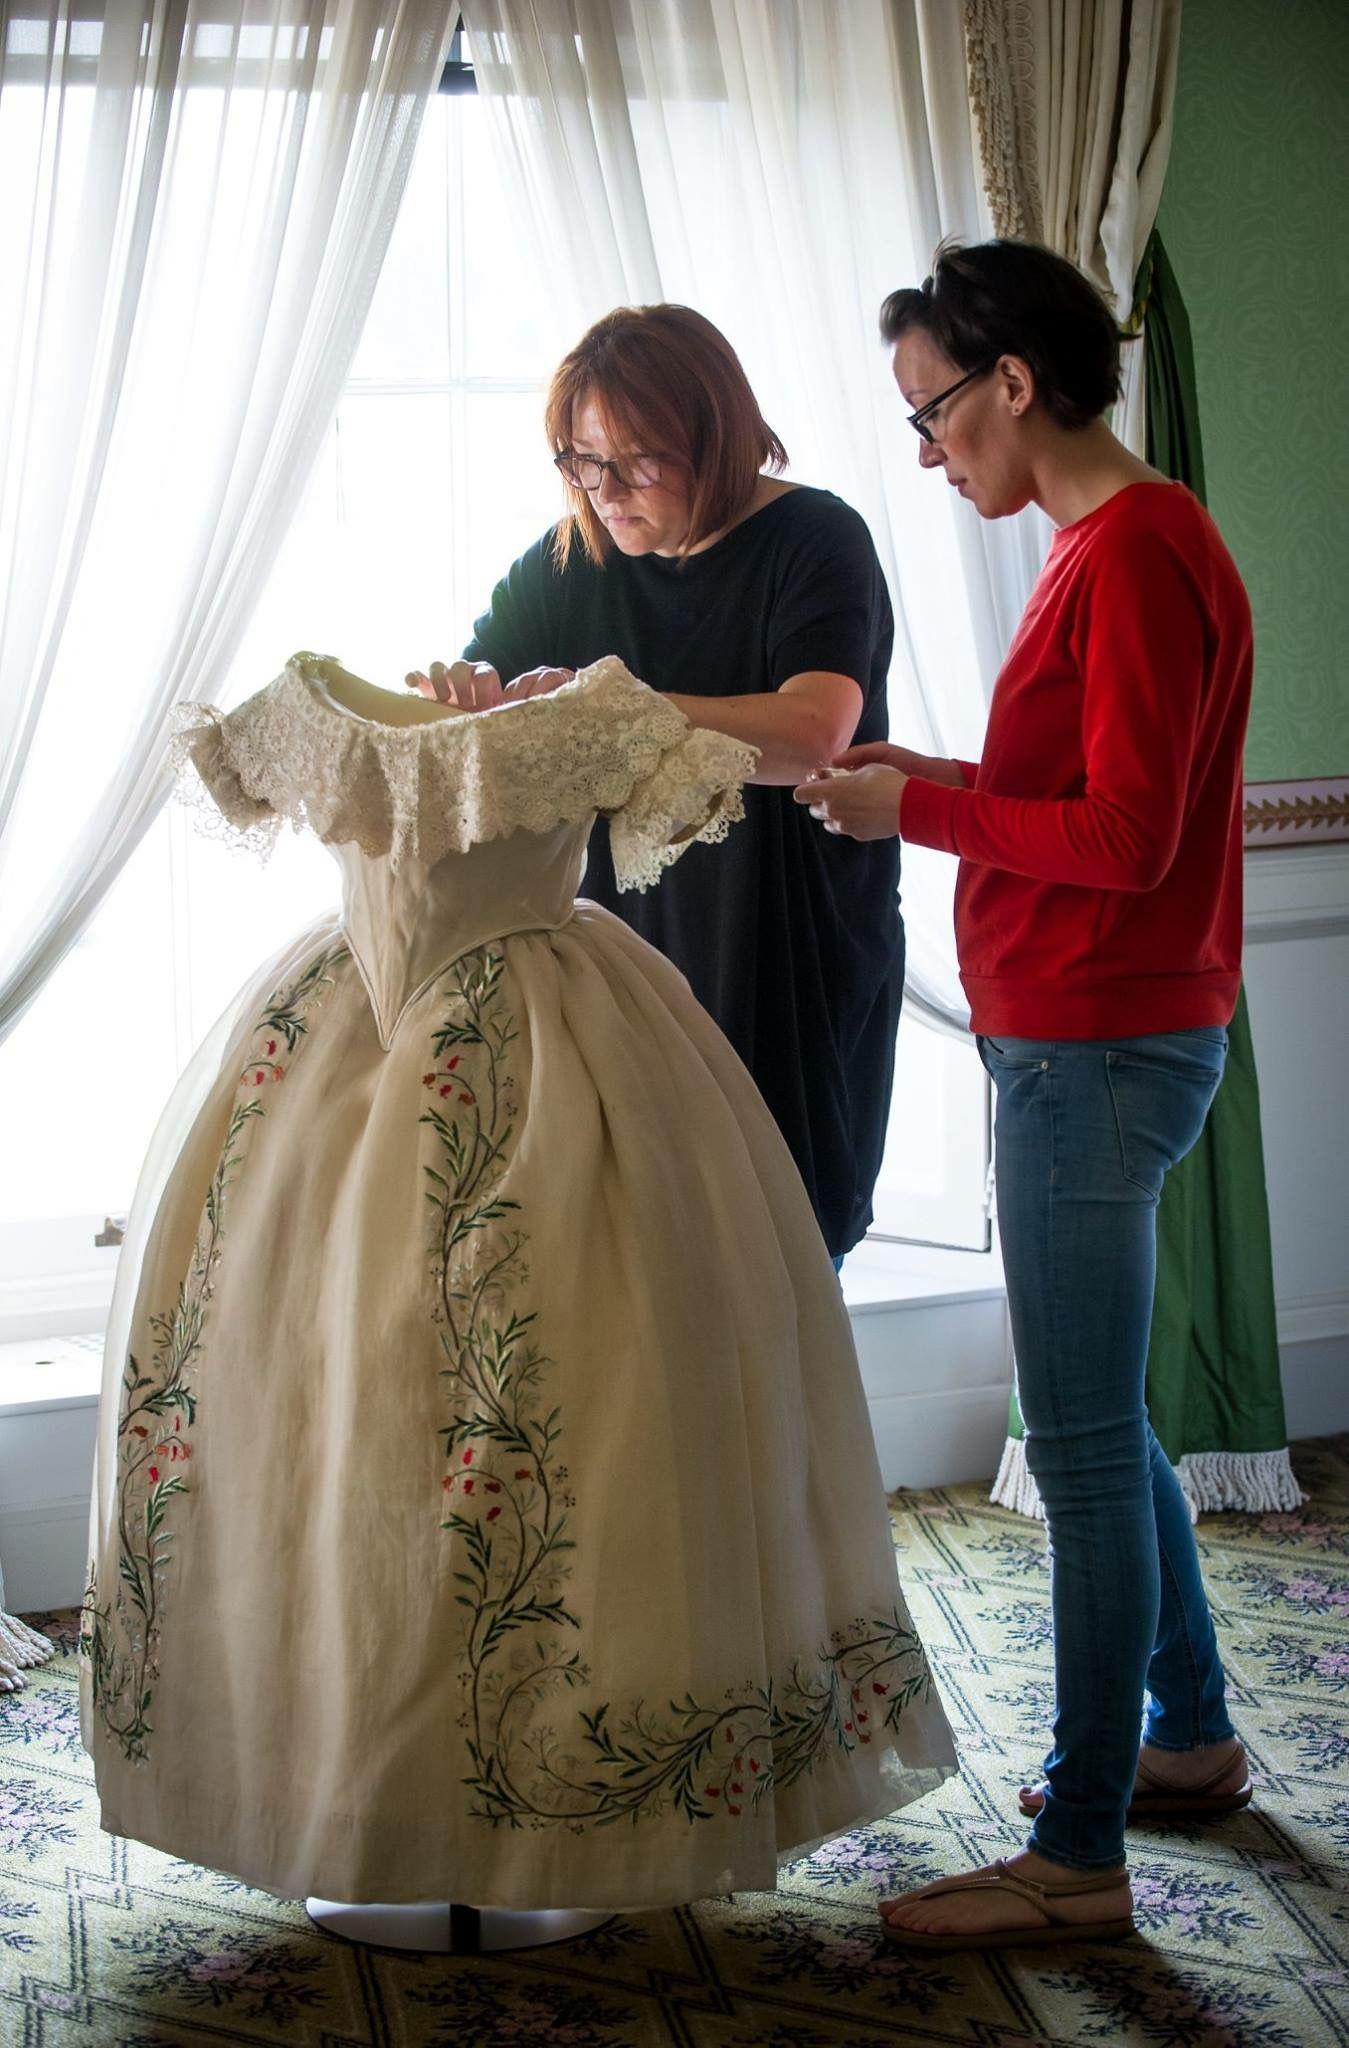 Dress Belonging To The Young Queen Victoria Queen Victoria Dress Royal Clothing Young Queen Victoria [ 2048 x 1349 Pixel ]